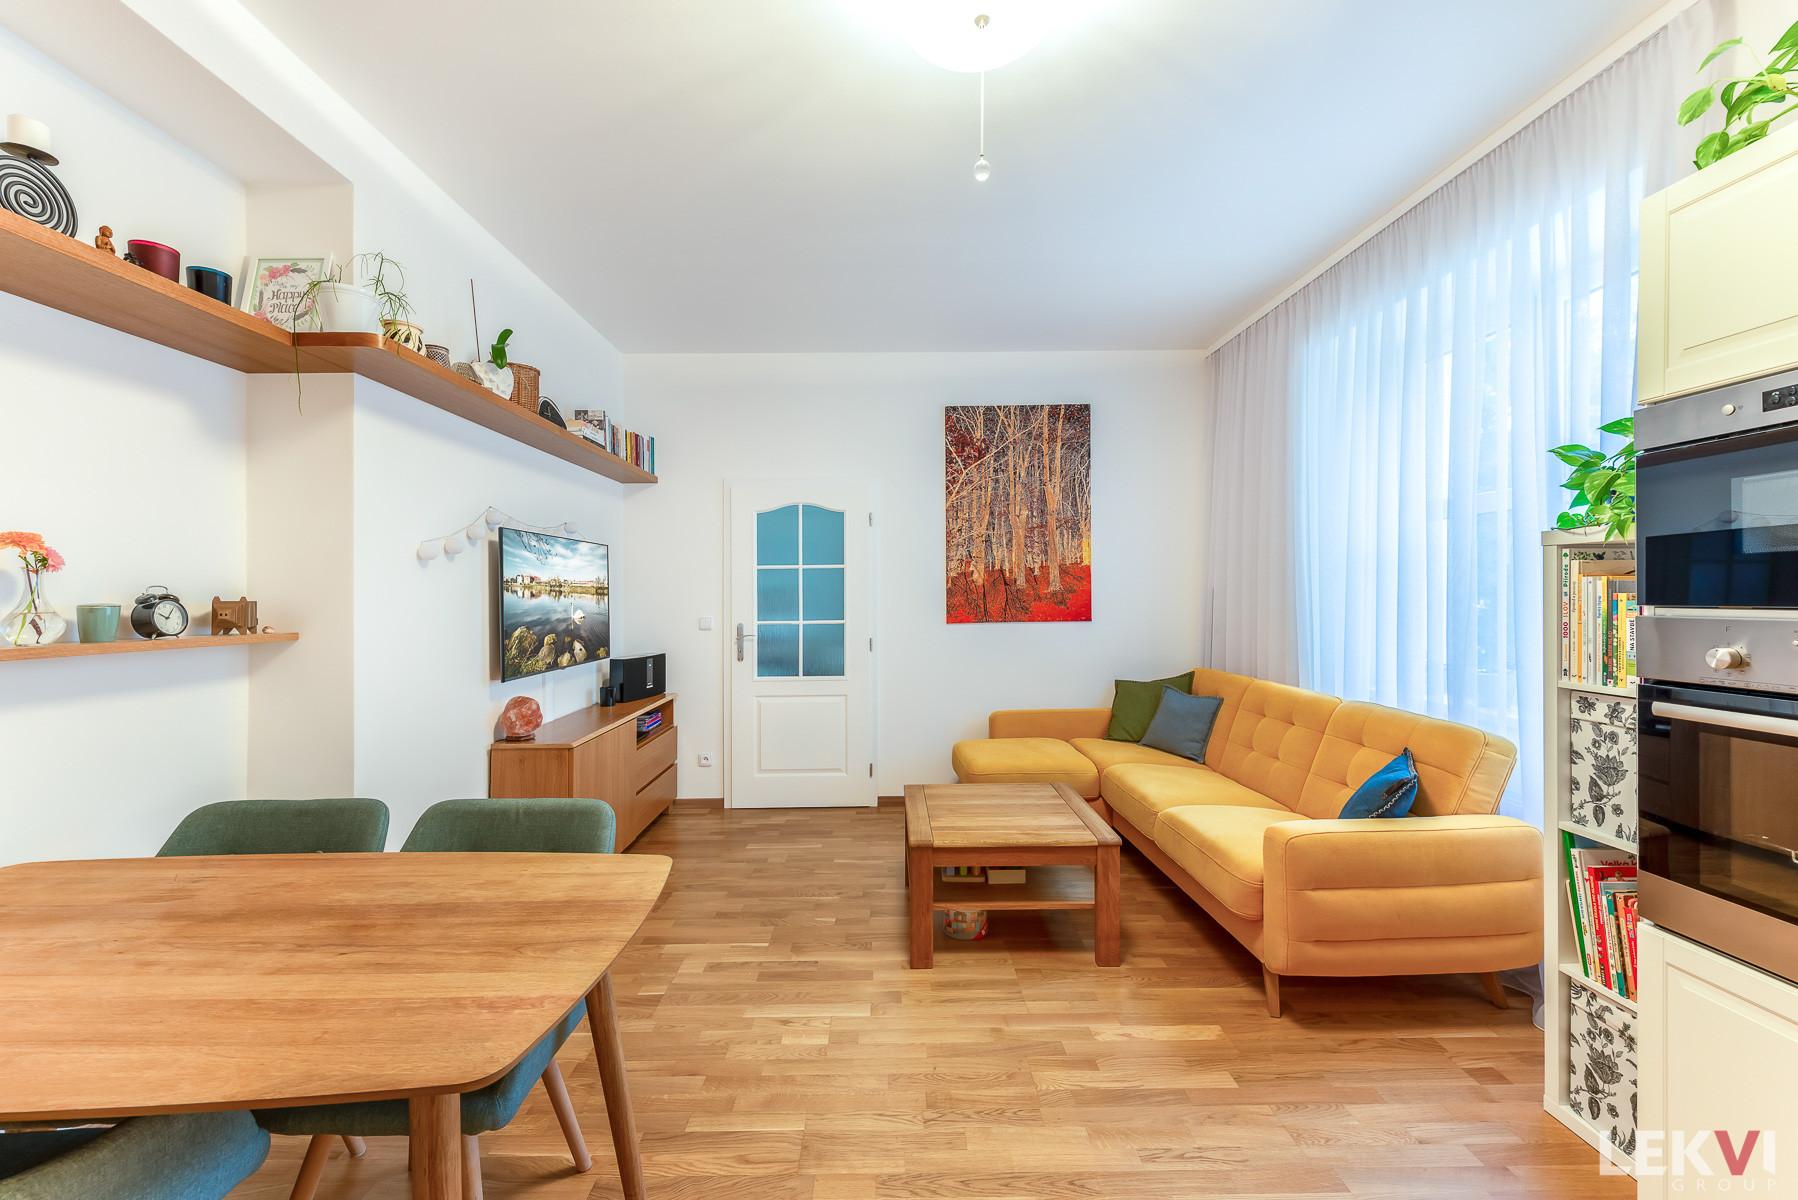 Prodej bytu 2+kk, 50 m2 - U Měšťanského pivovaru, Praha 7